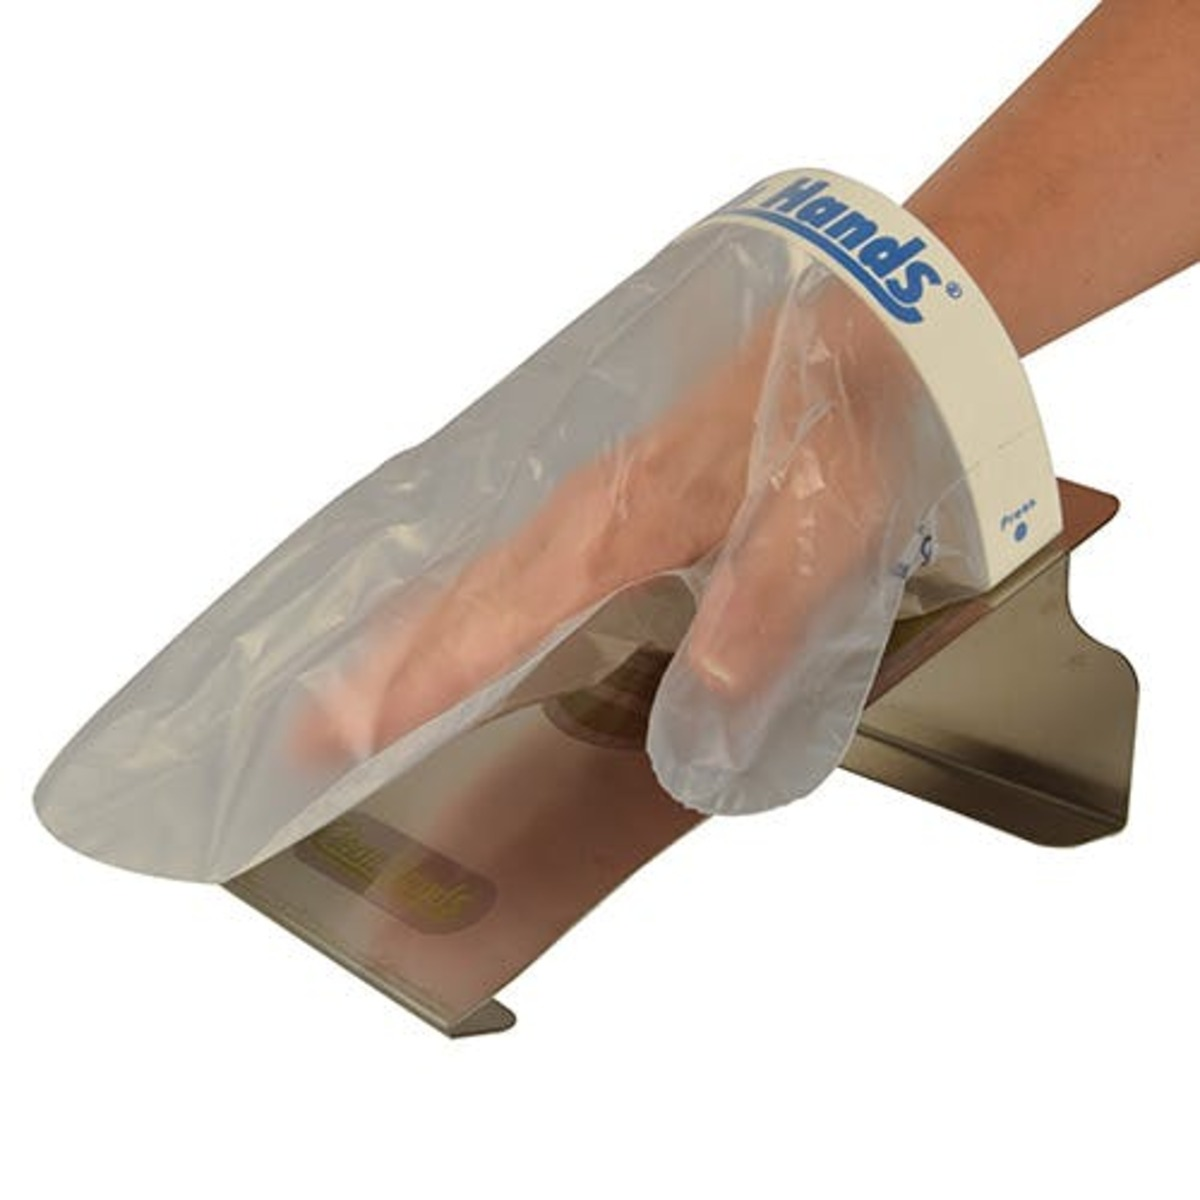 Bild 1 von PAPSTAR Clean Hands Base Kit Edelstahl 11,5 cm x 12,7 cm x 22 cm silber